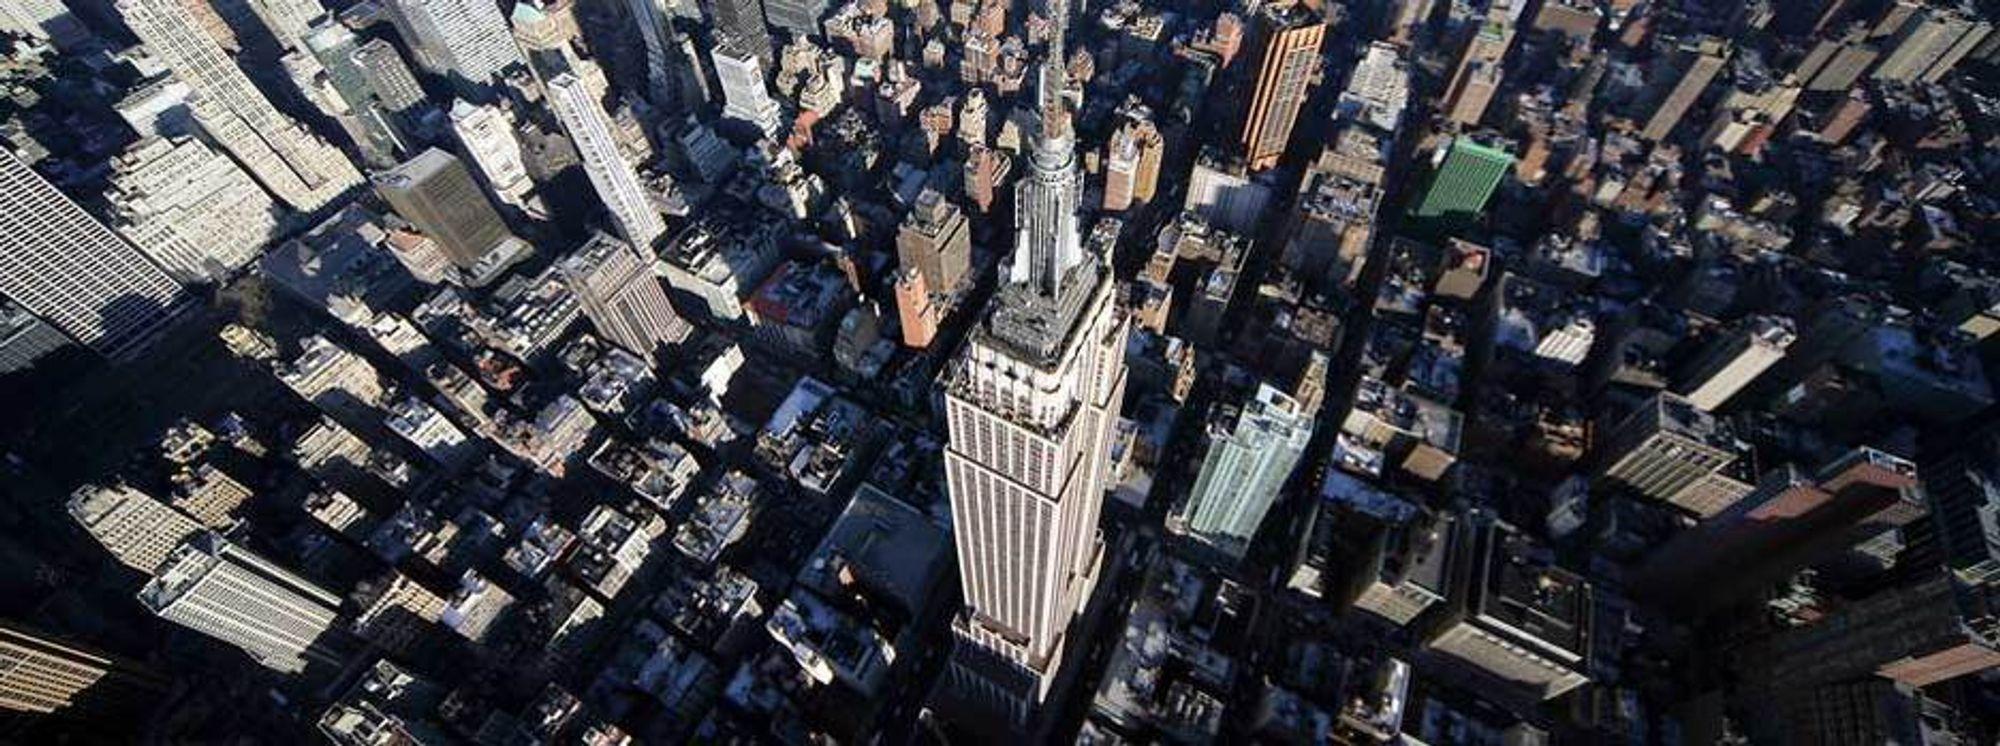 KOSTER MINDRE: Ikonet Empire State Building i New York sparer mange millioner dollar hvert år på enkel og billig effektivisering som er tjent inn på bare tre år. - Kostnaden per watt for energieffektivisering er en tredjedel eller en fjerdedel av kostnaden for fornybar energi, sier Anthony Malkin i Empire State Building Company.